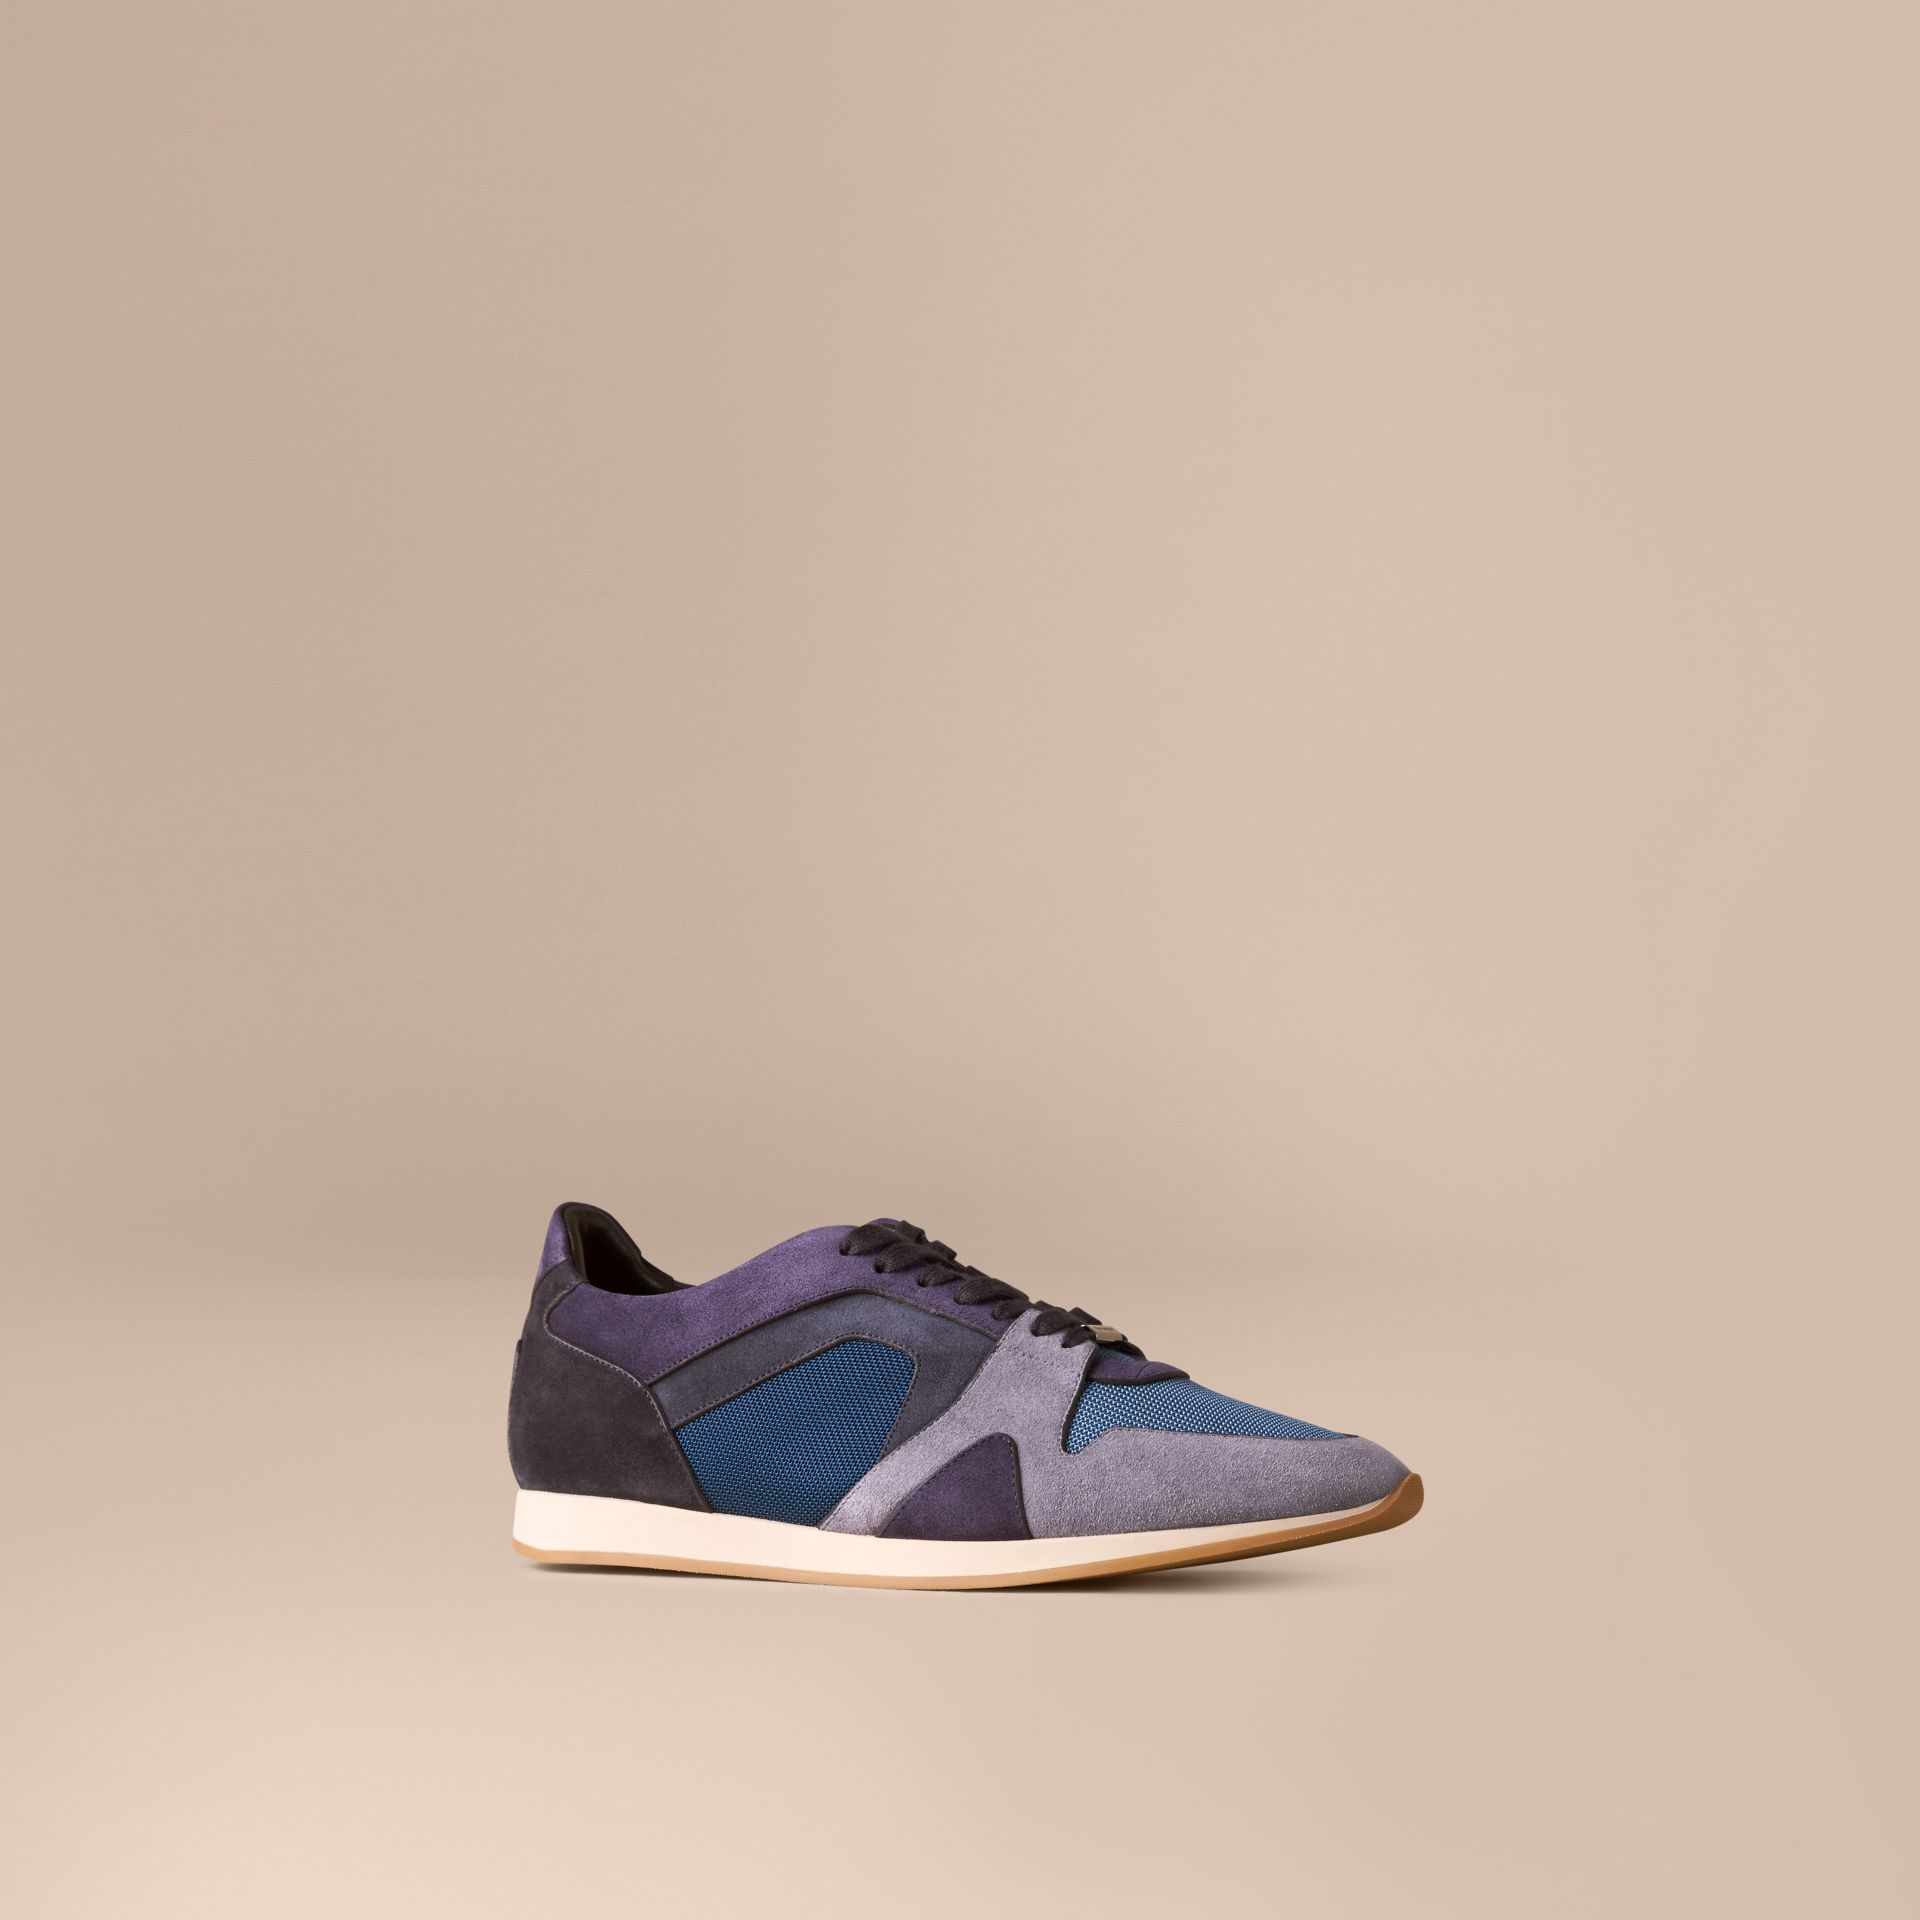 Винтажный синий Кроссовки из замши с эффектом цветовых блоков - изображение 1